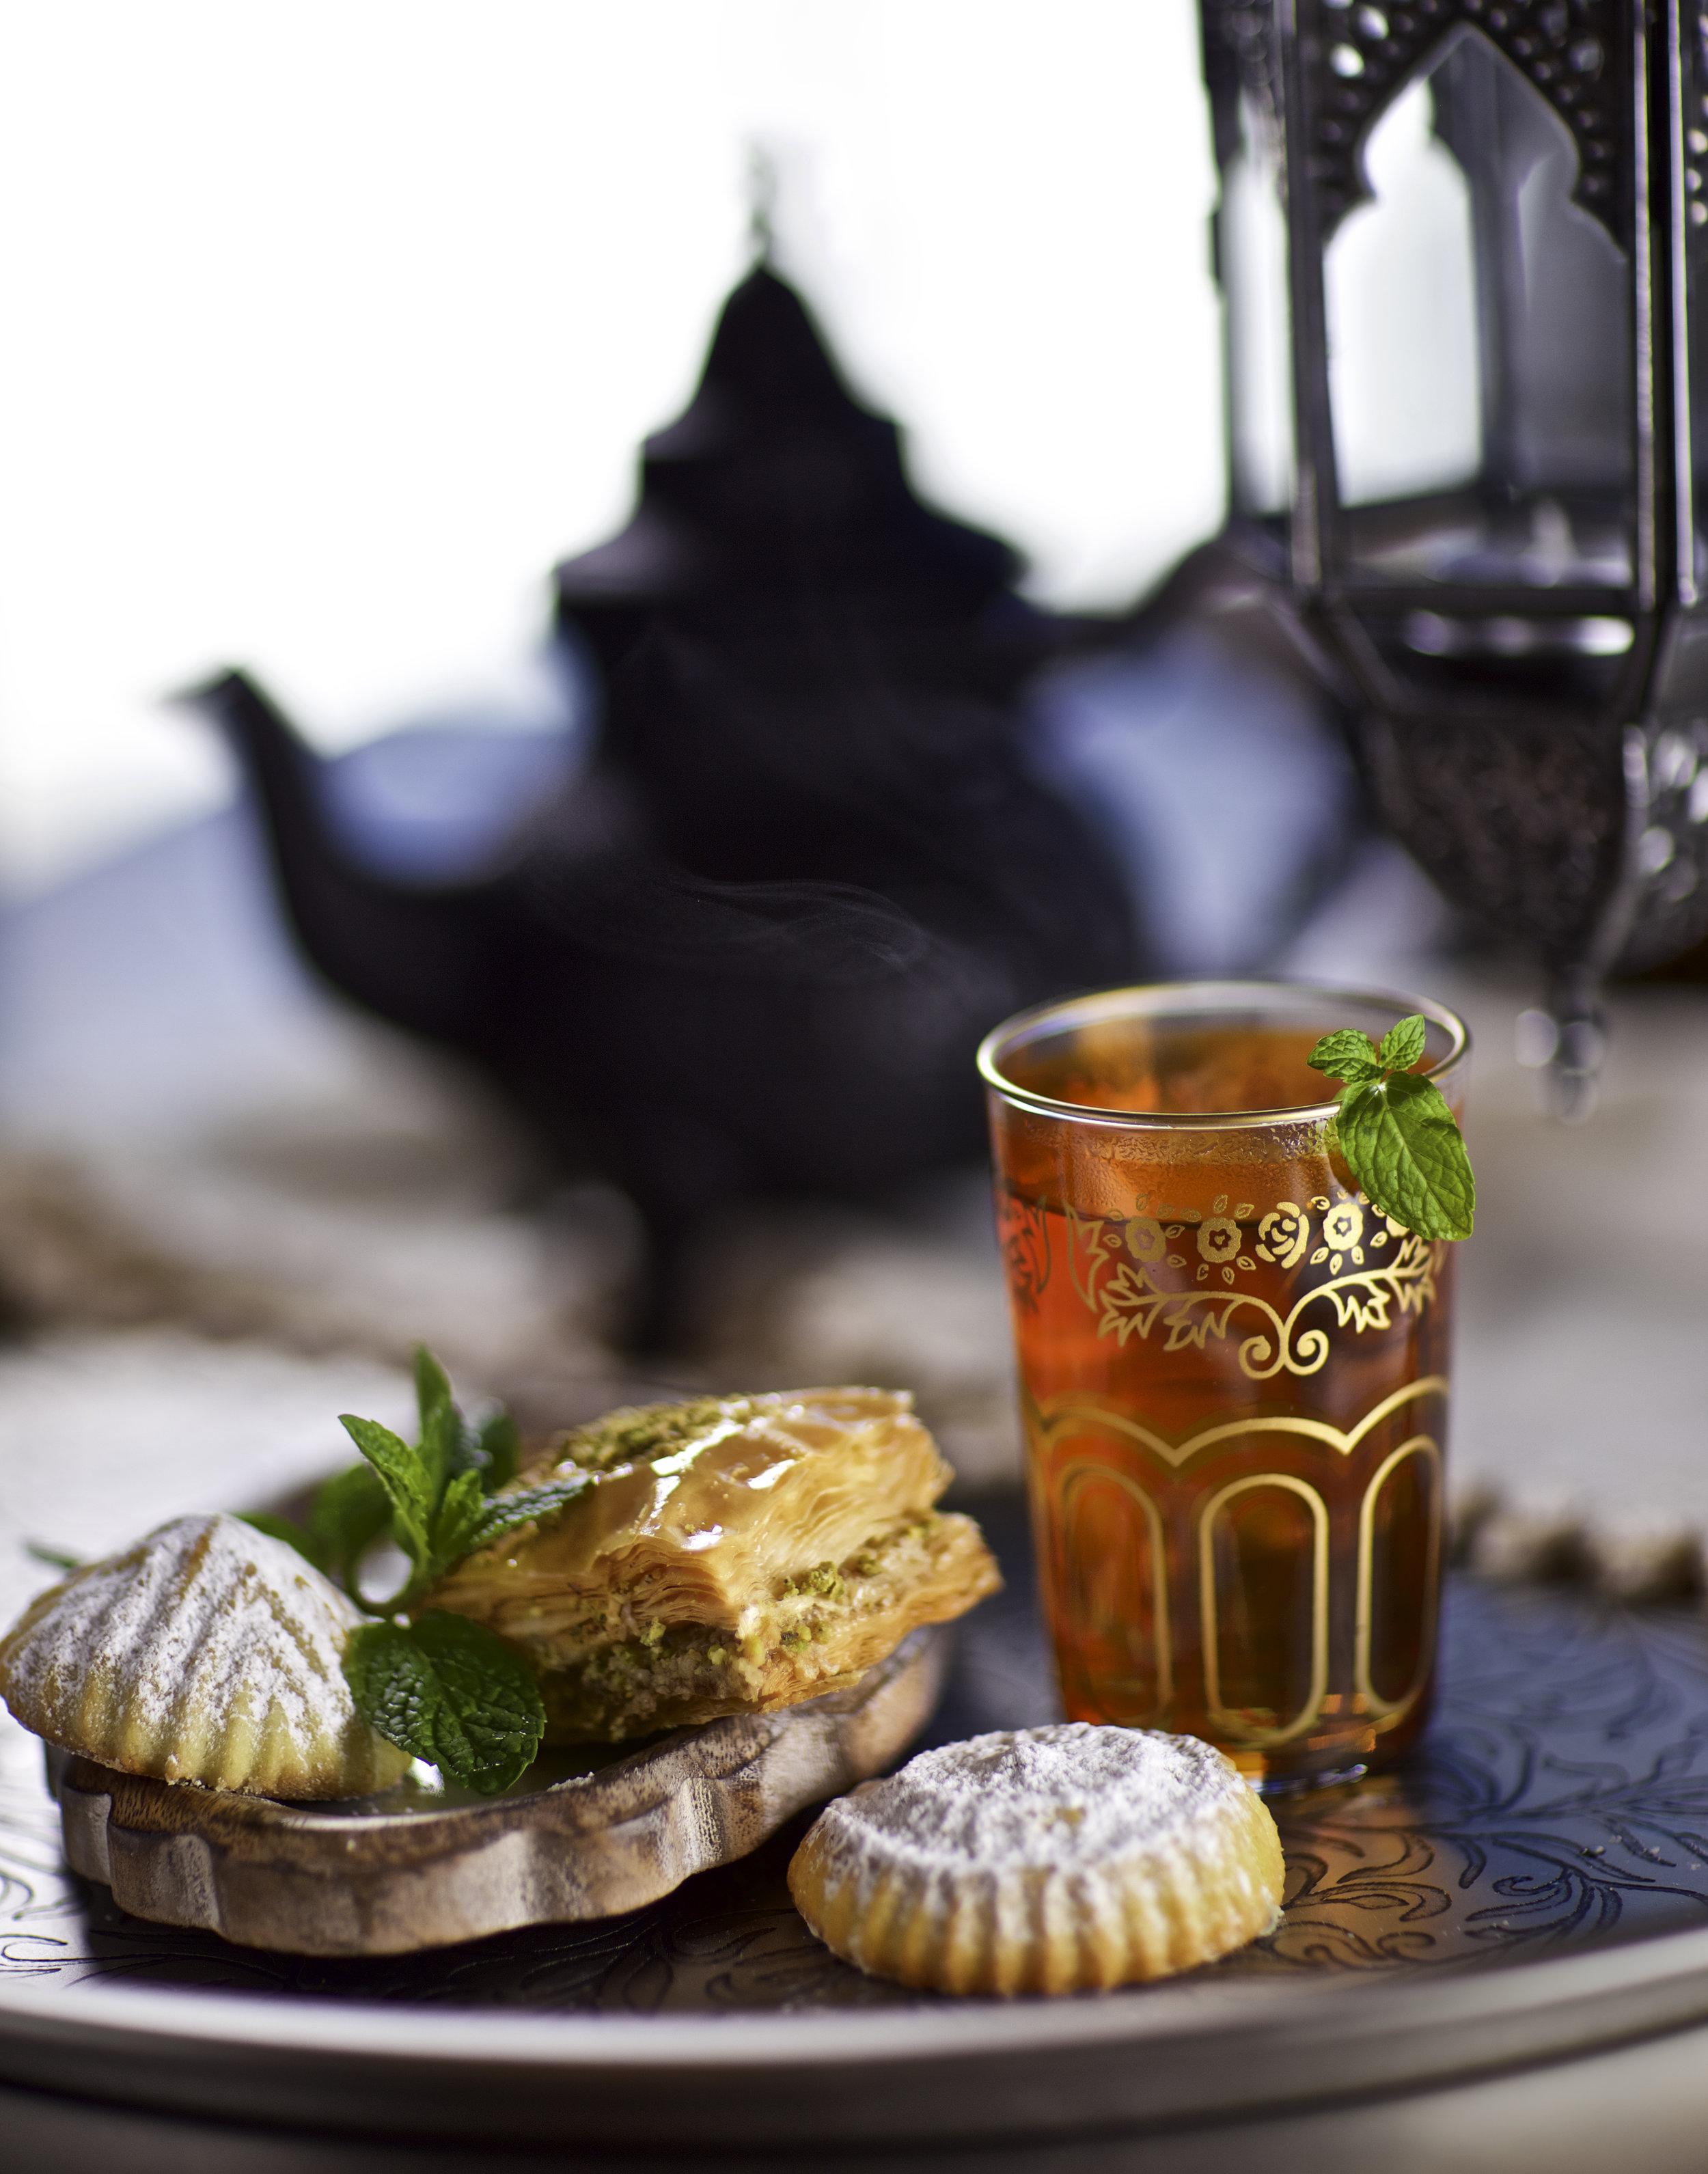 Naf Naf Grill - Mint Tea Poster.jpg